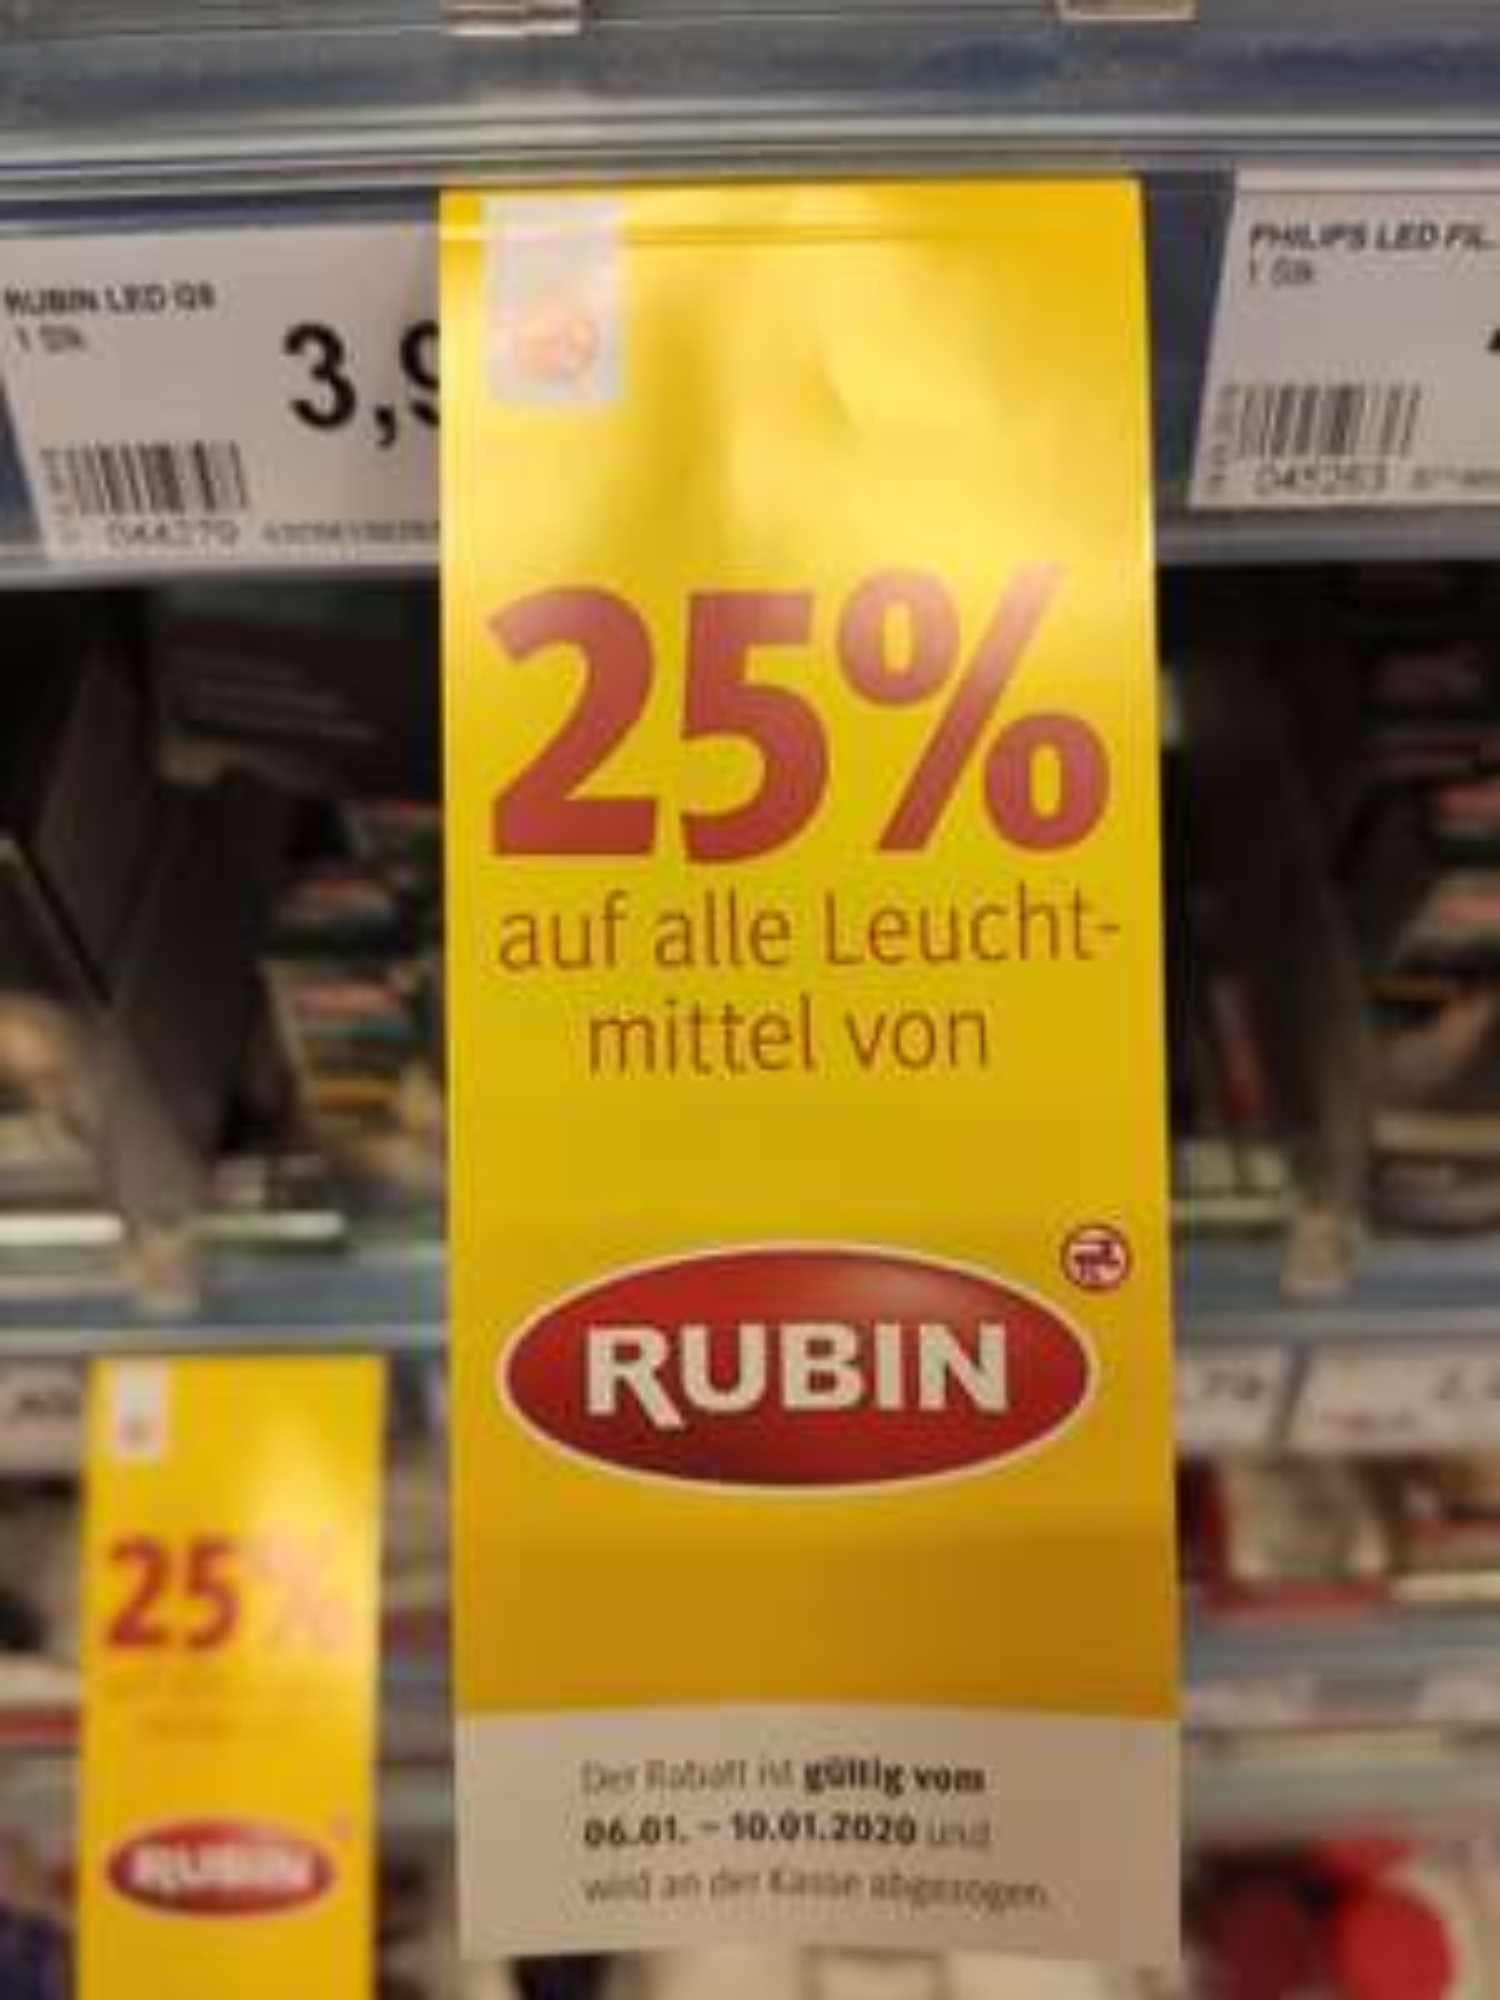 [Rossmann] bundesweit im Shop - 25% auf Leuchtmittel der Marke RUBIN